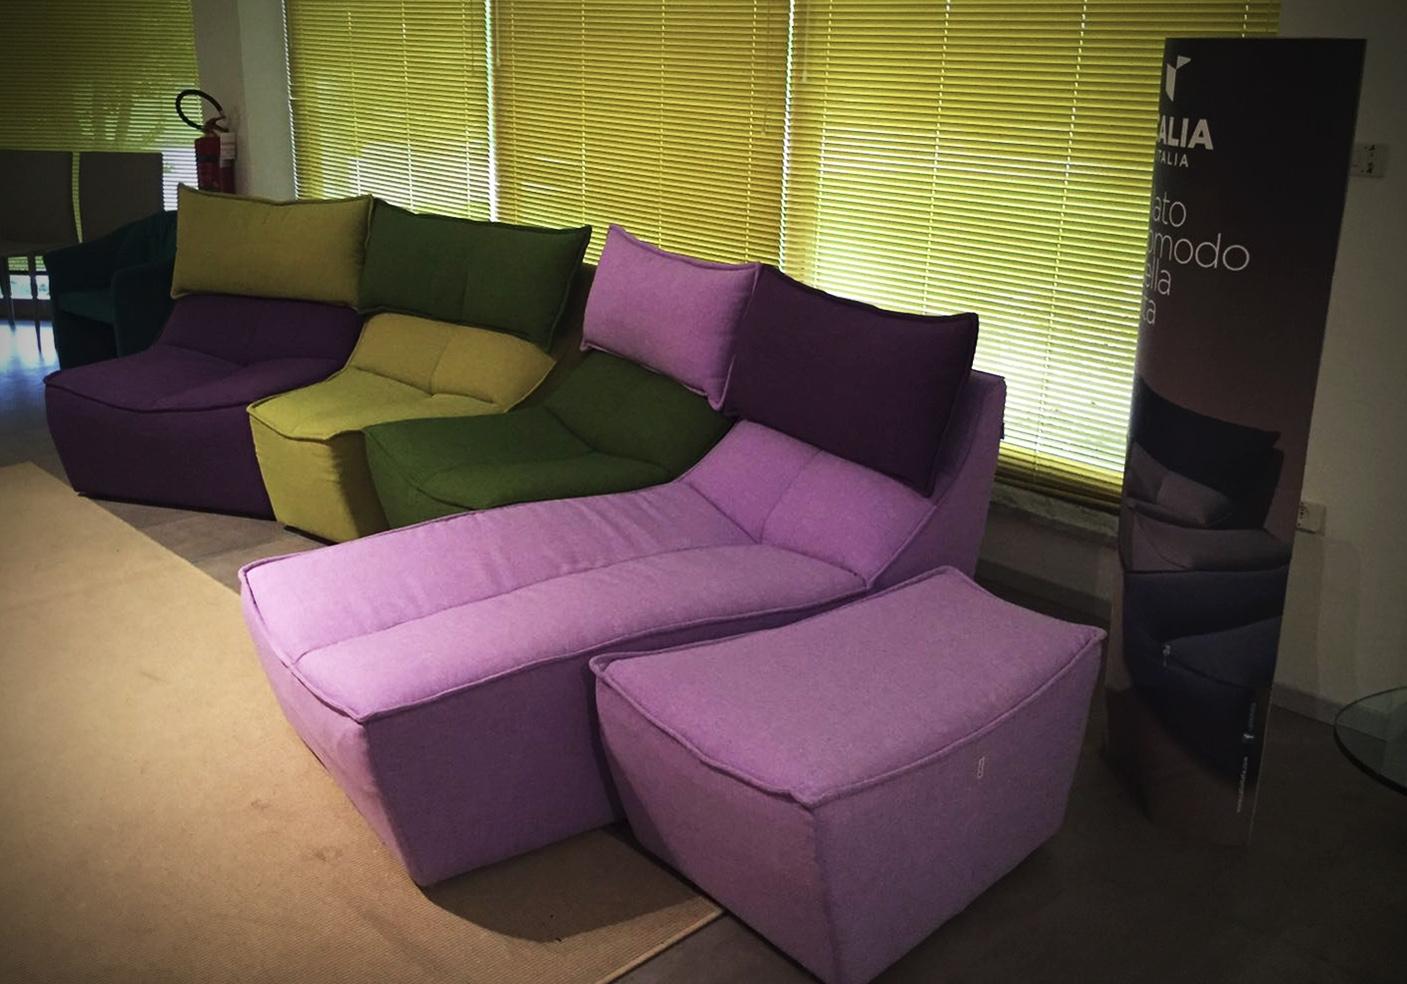 Calia divano hip hop scontato del 49 divani a prezzi for Outlet arredamento divani